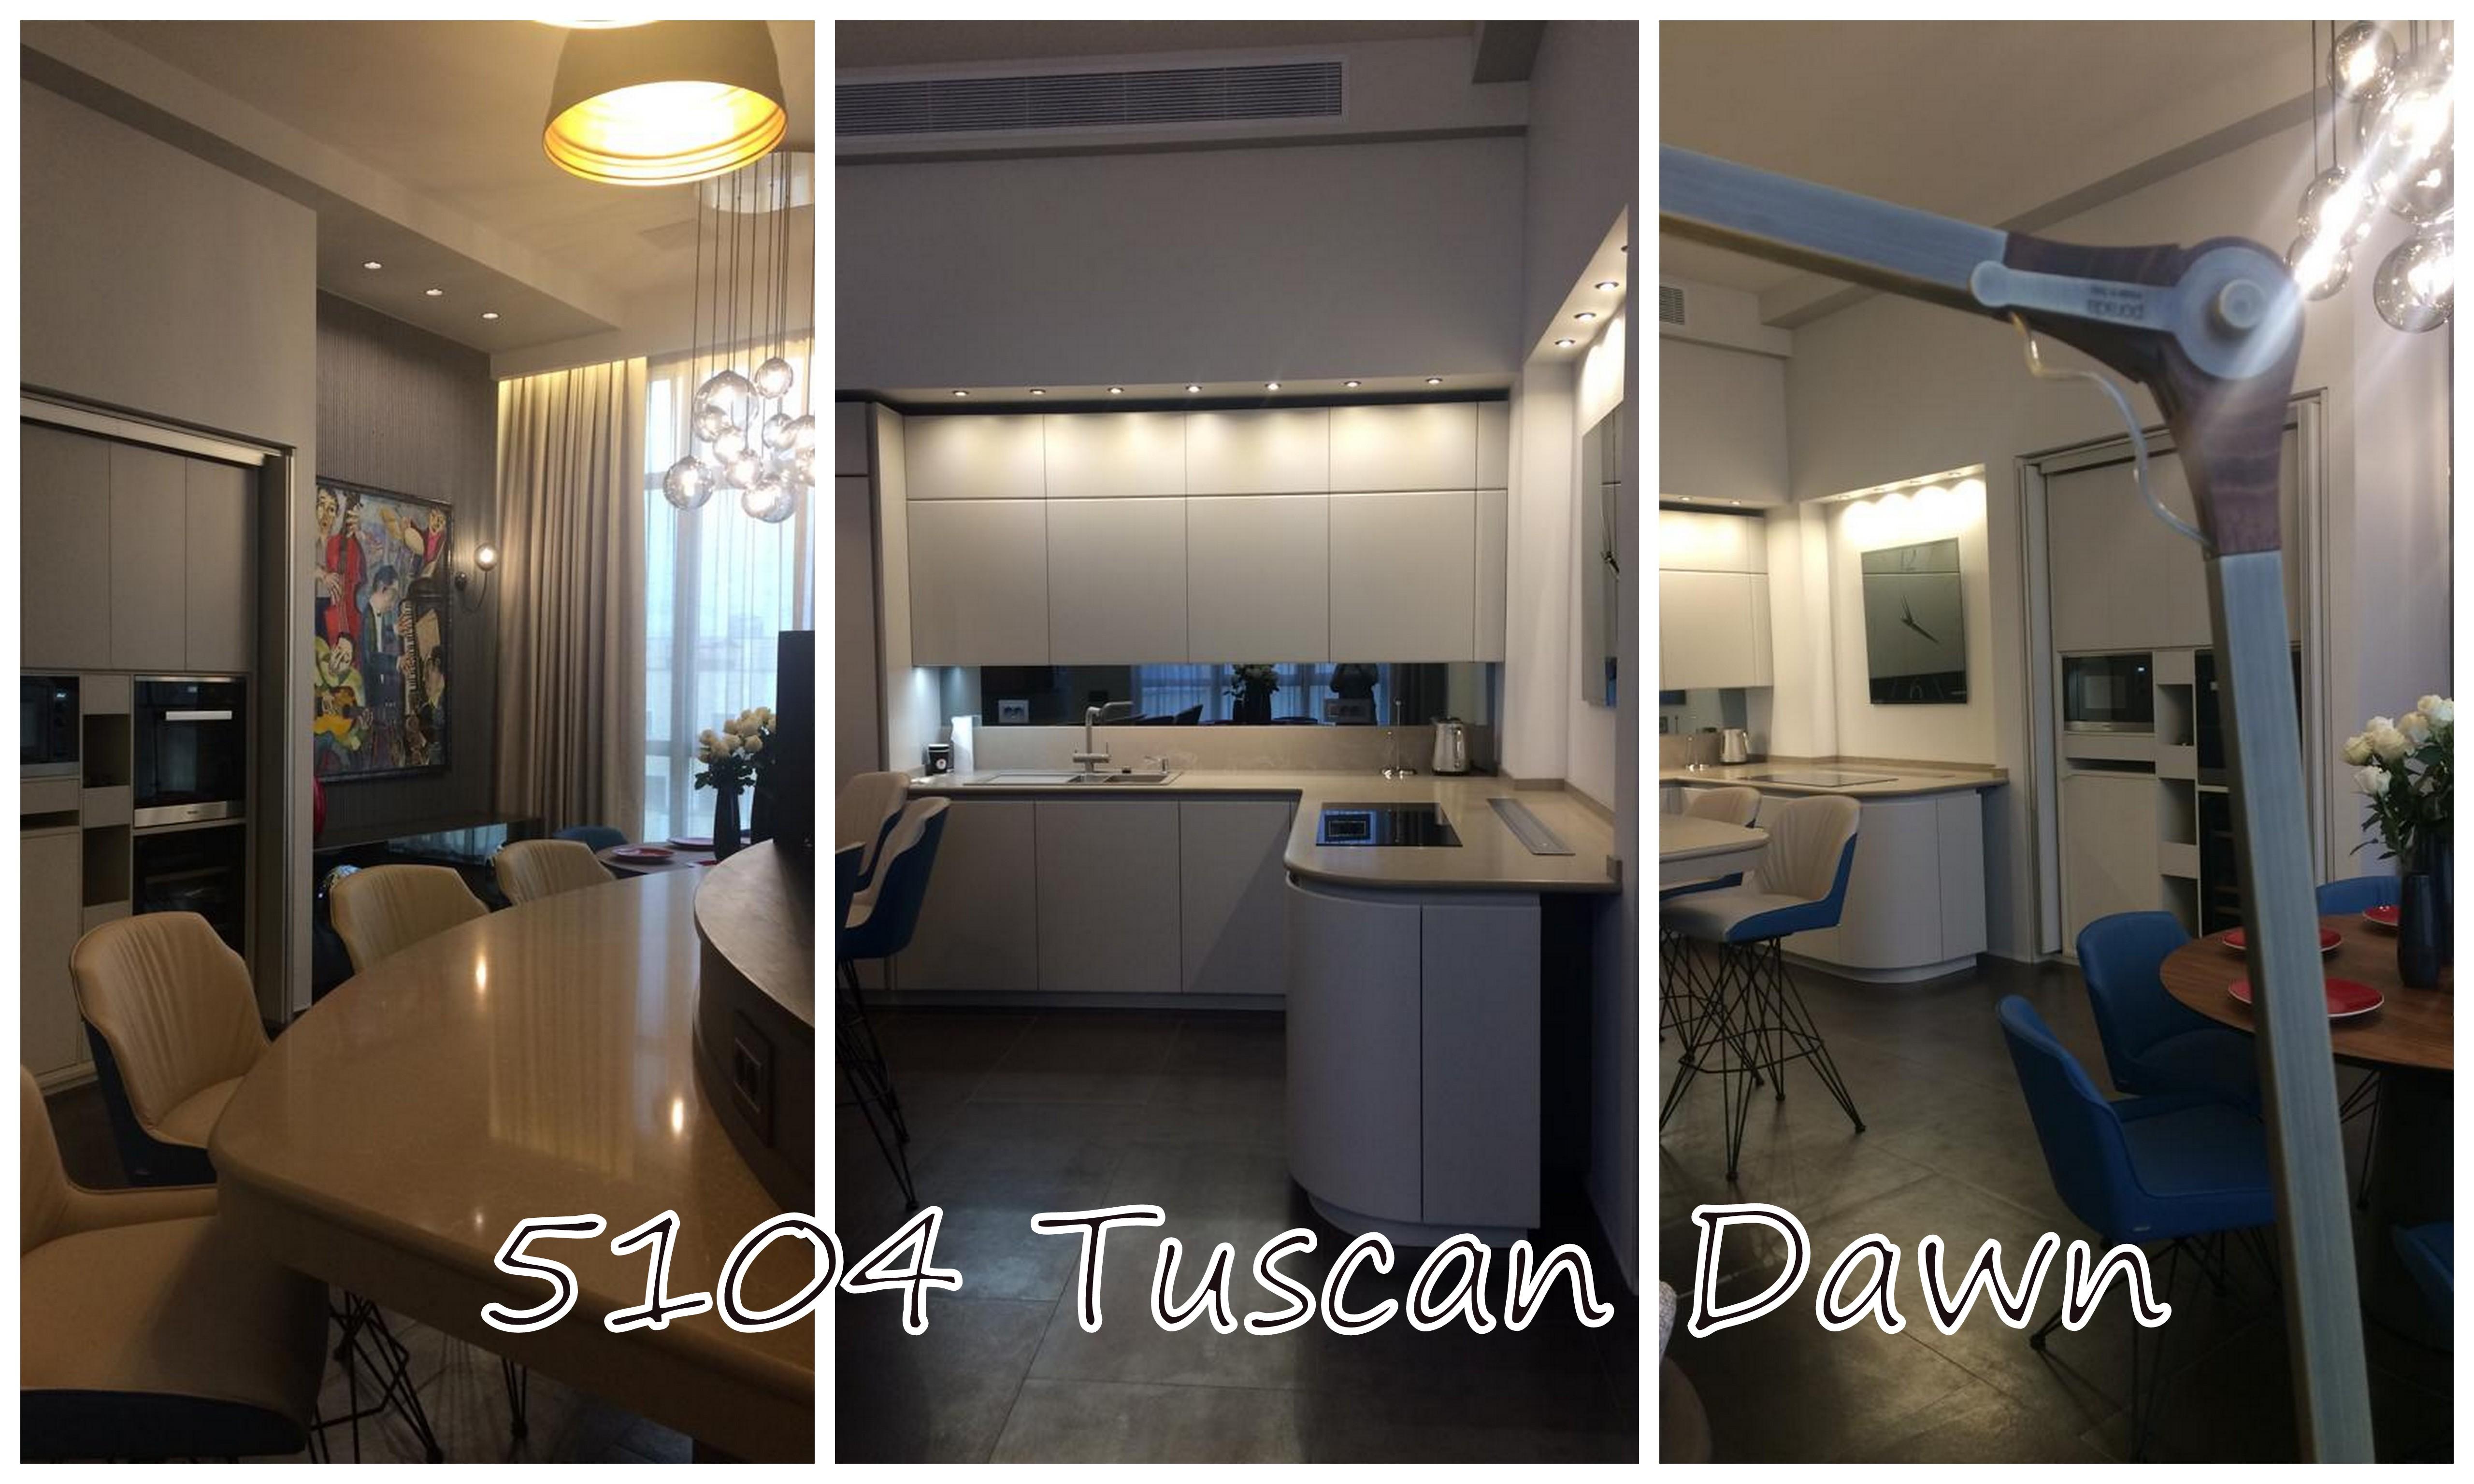 Столешница кварцевого камня 5104 Tuscan Dawn / Тускан Даун Caesarstone